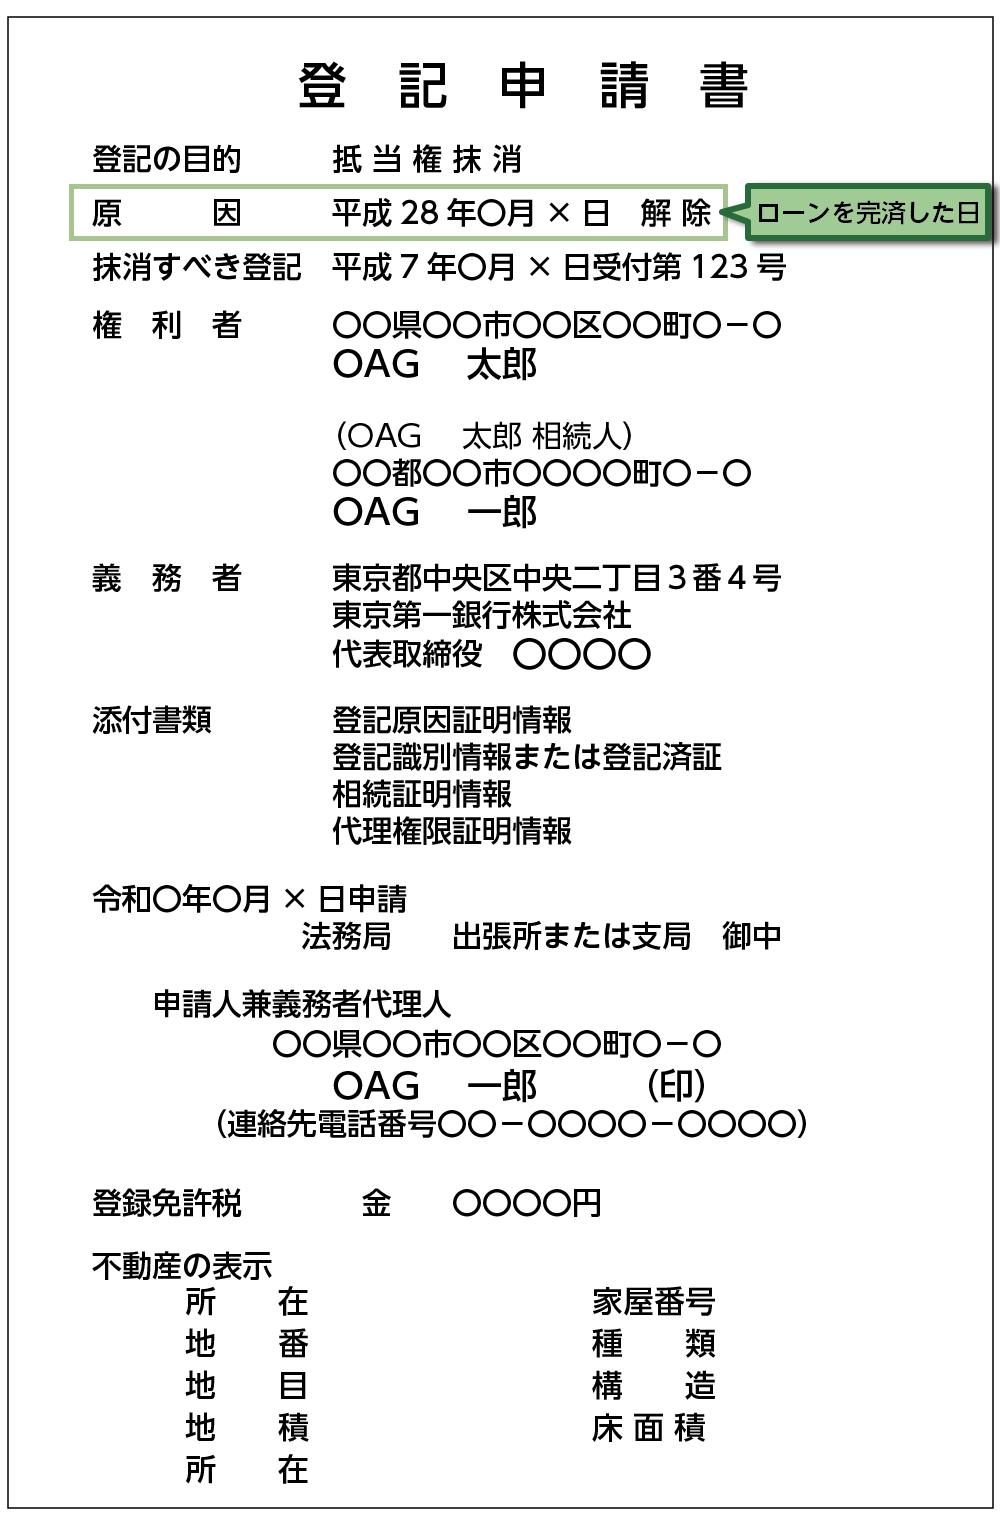 抵当権抹消登記の登記申請書